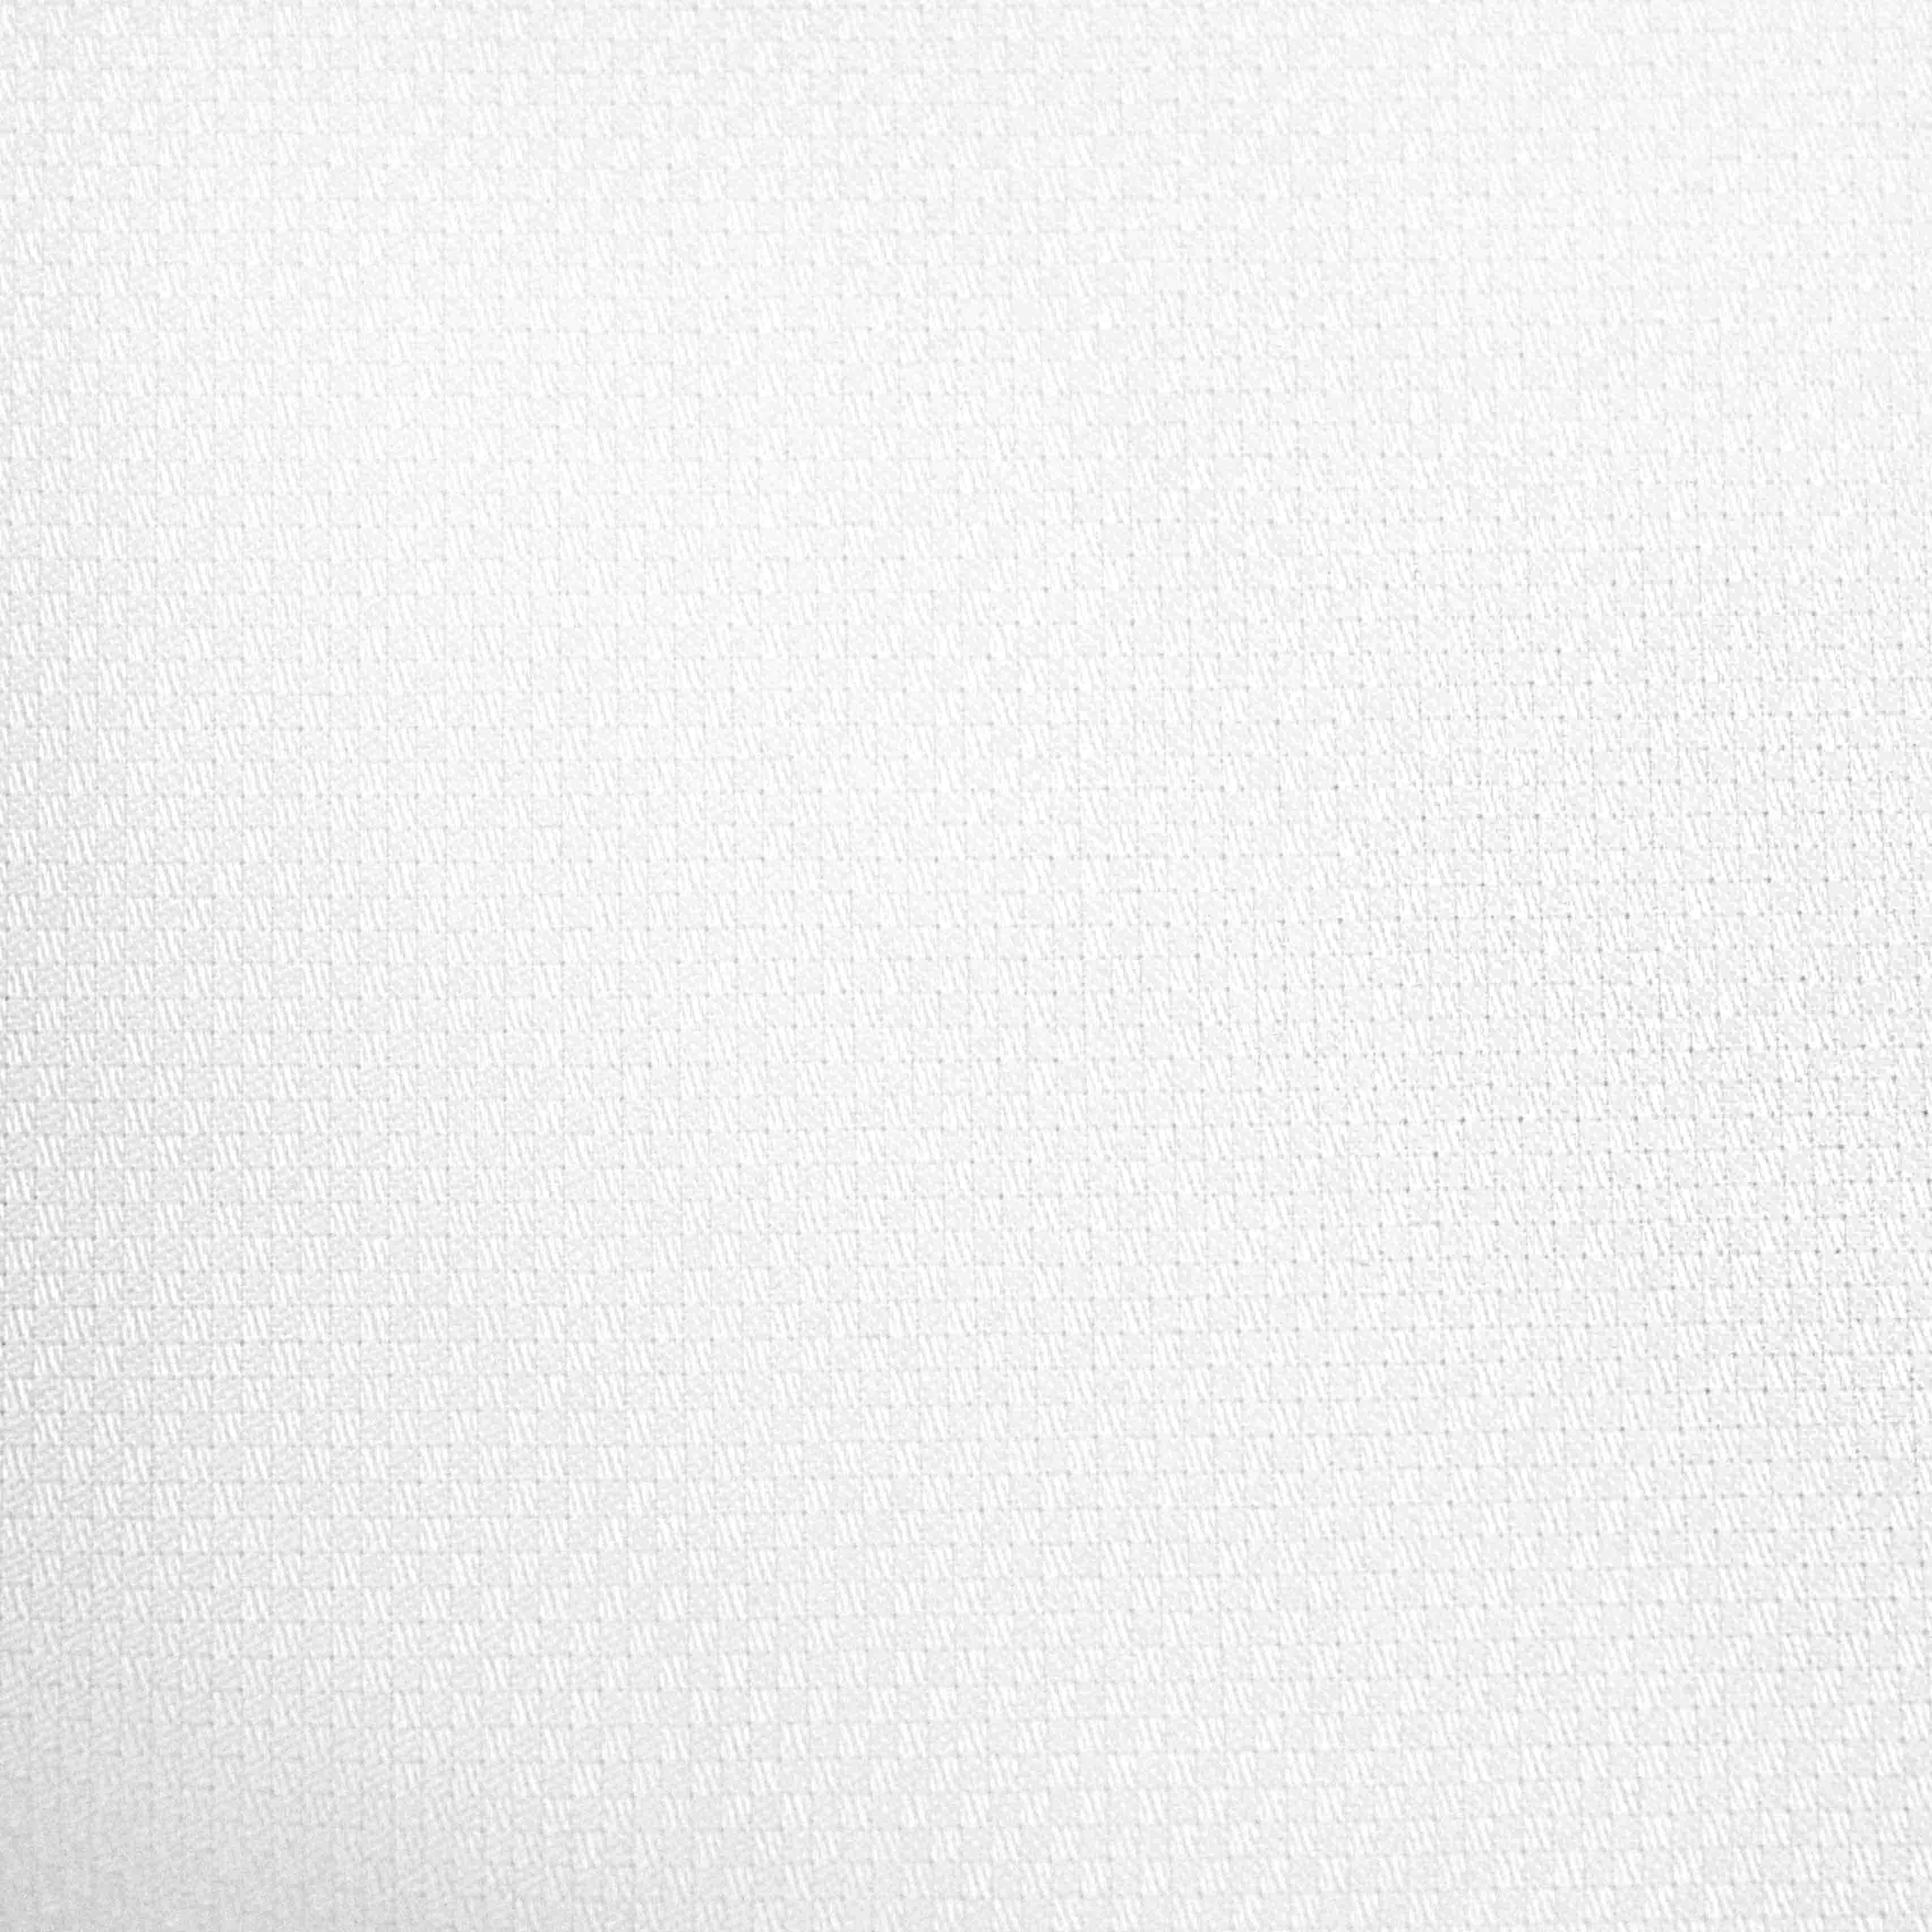 T89 COT 100% [White]